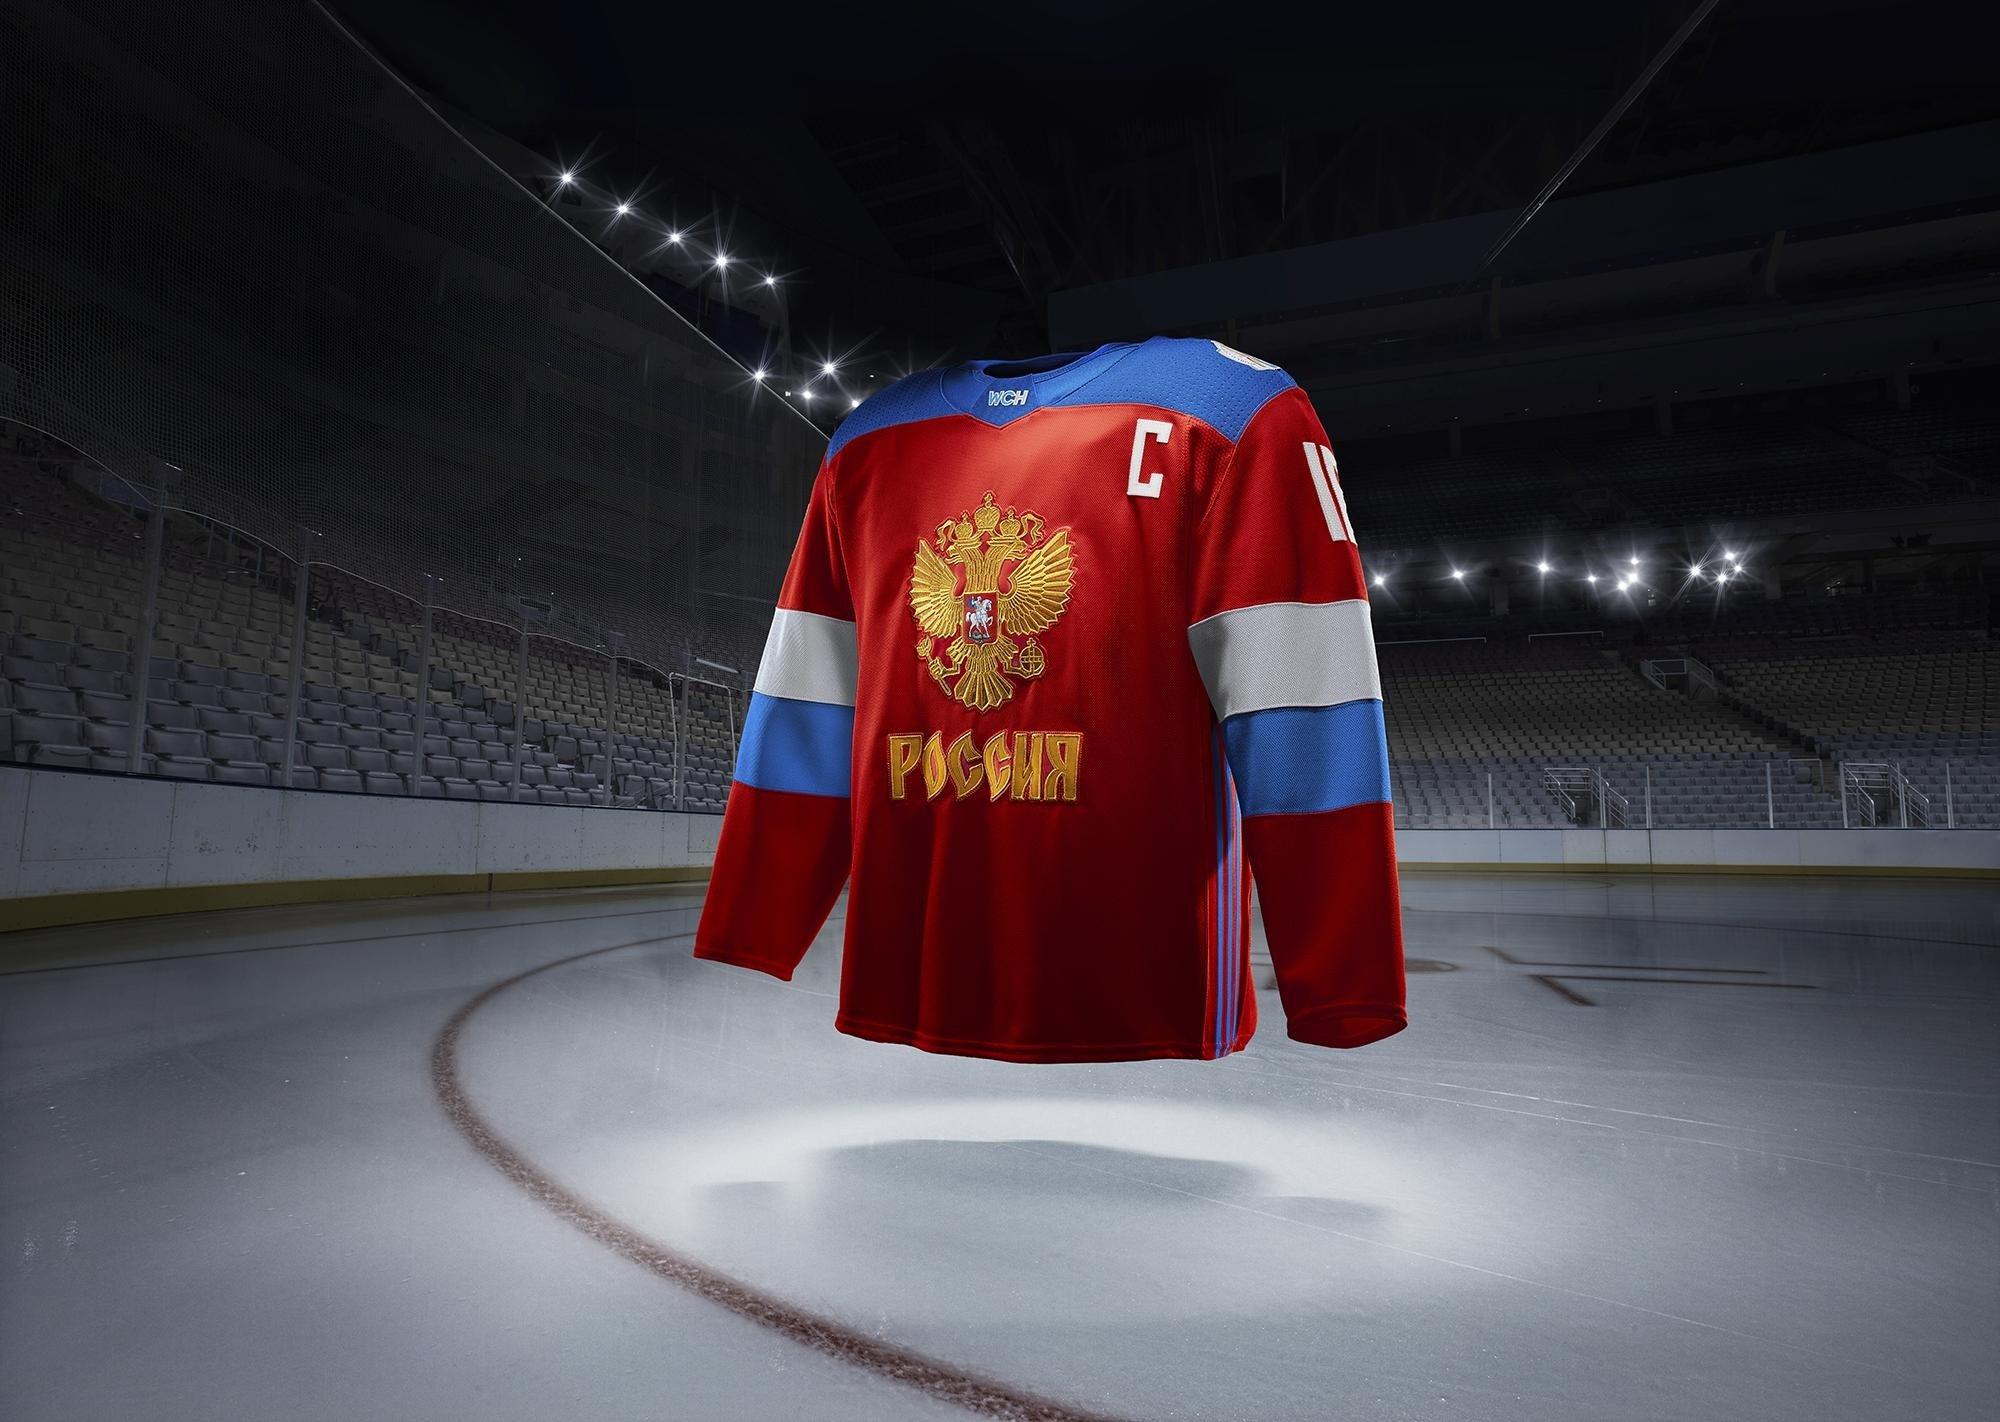 Cборная России по хоккею выступит на чемпионате мира в Риге под флагом ОКР и с гимном IIHF